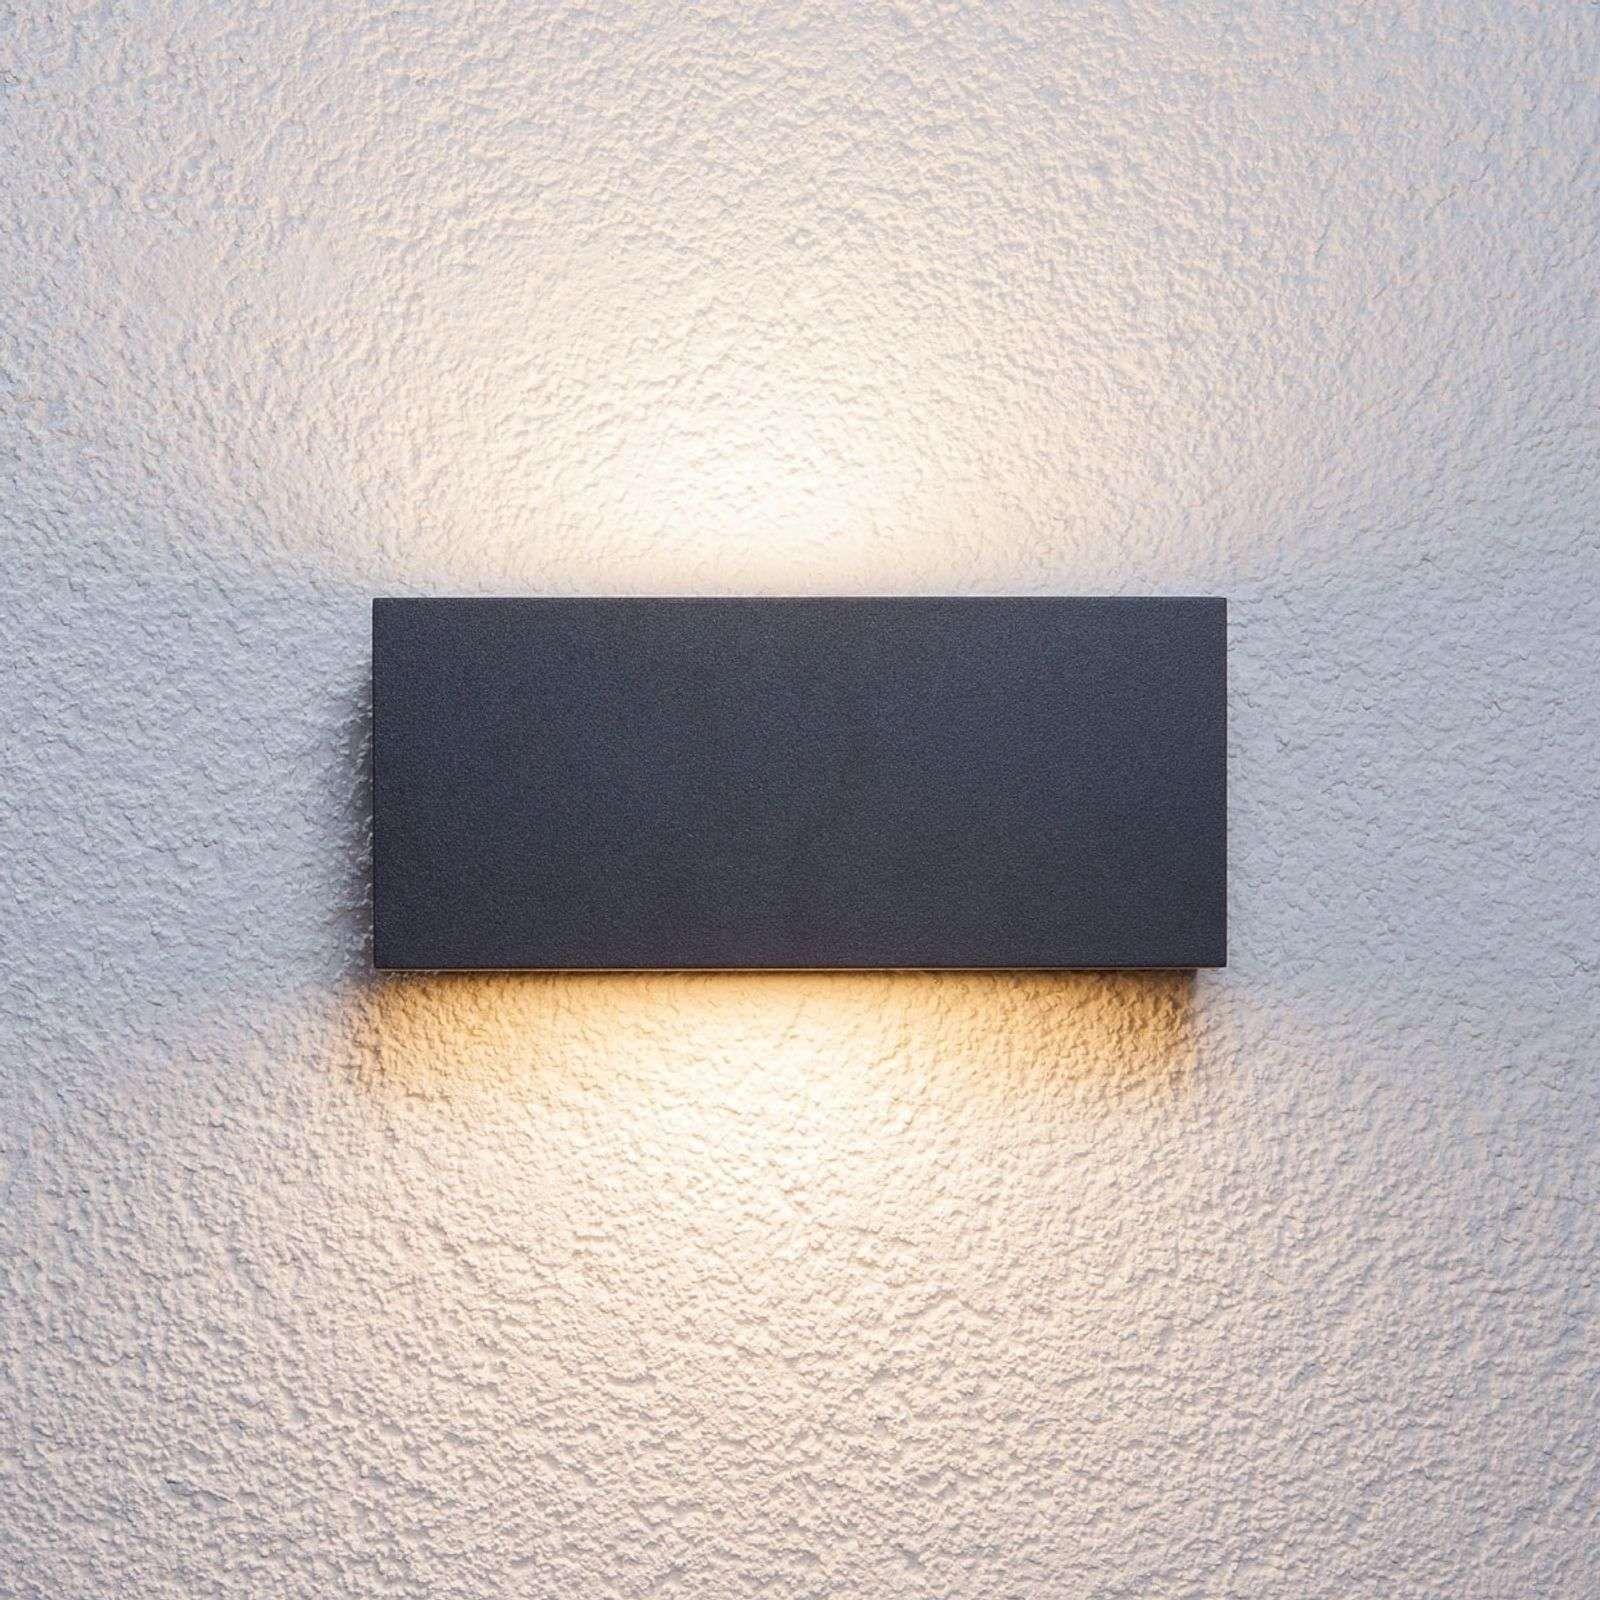 Außenbeleuchtung Hauswand Led Außenlampe Mit